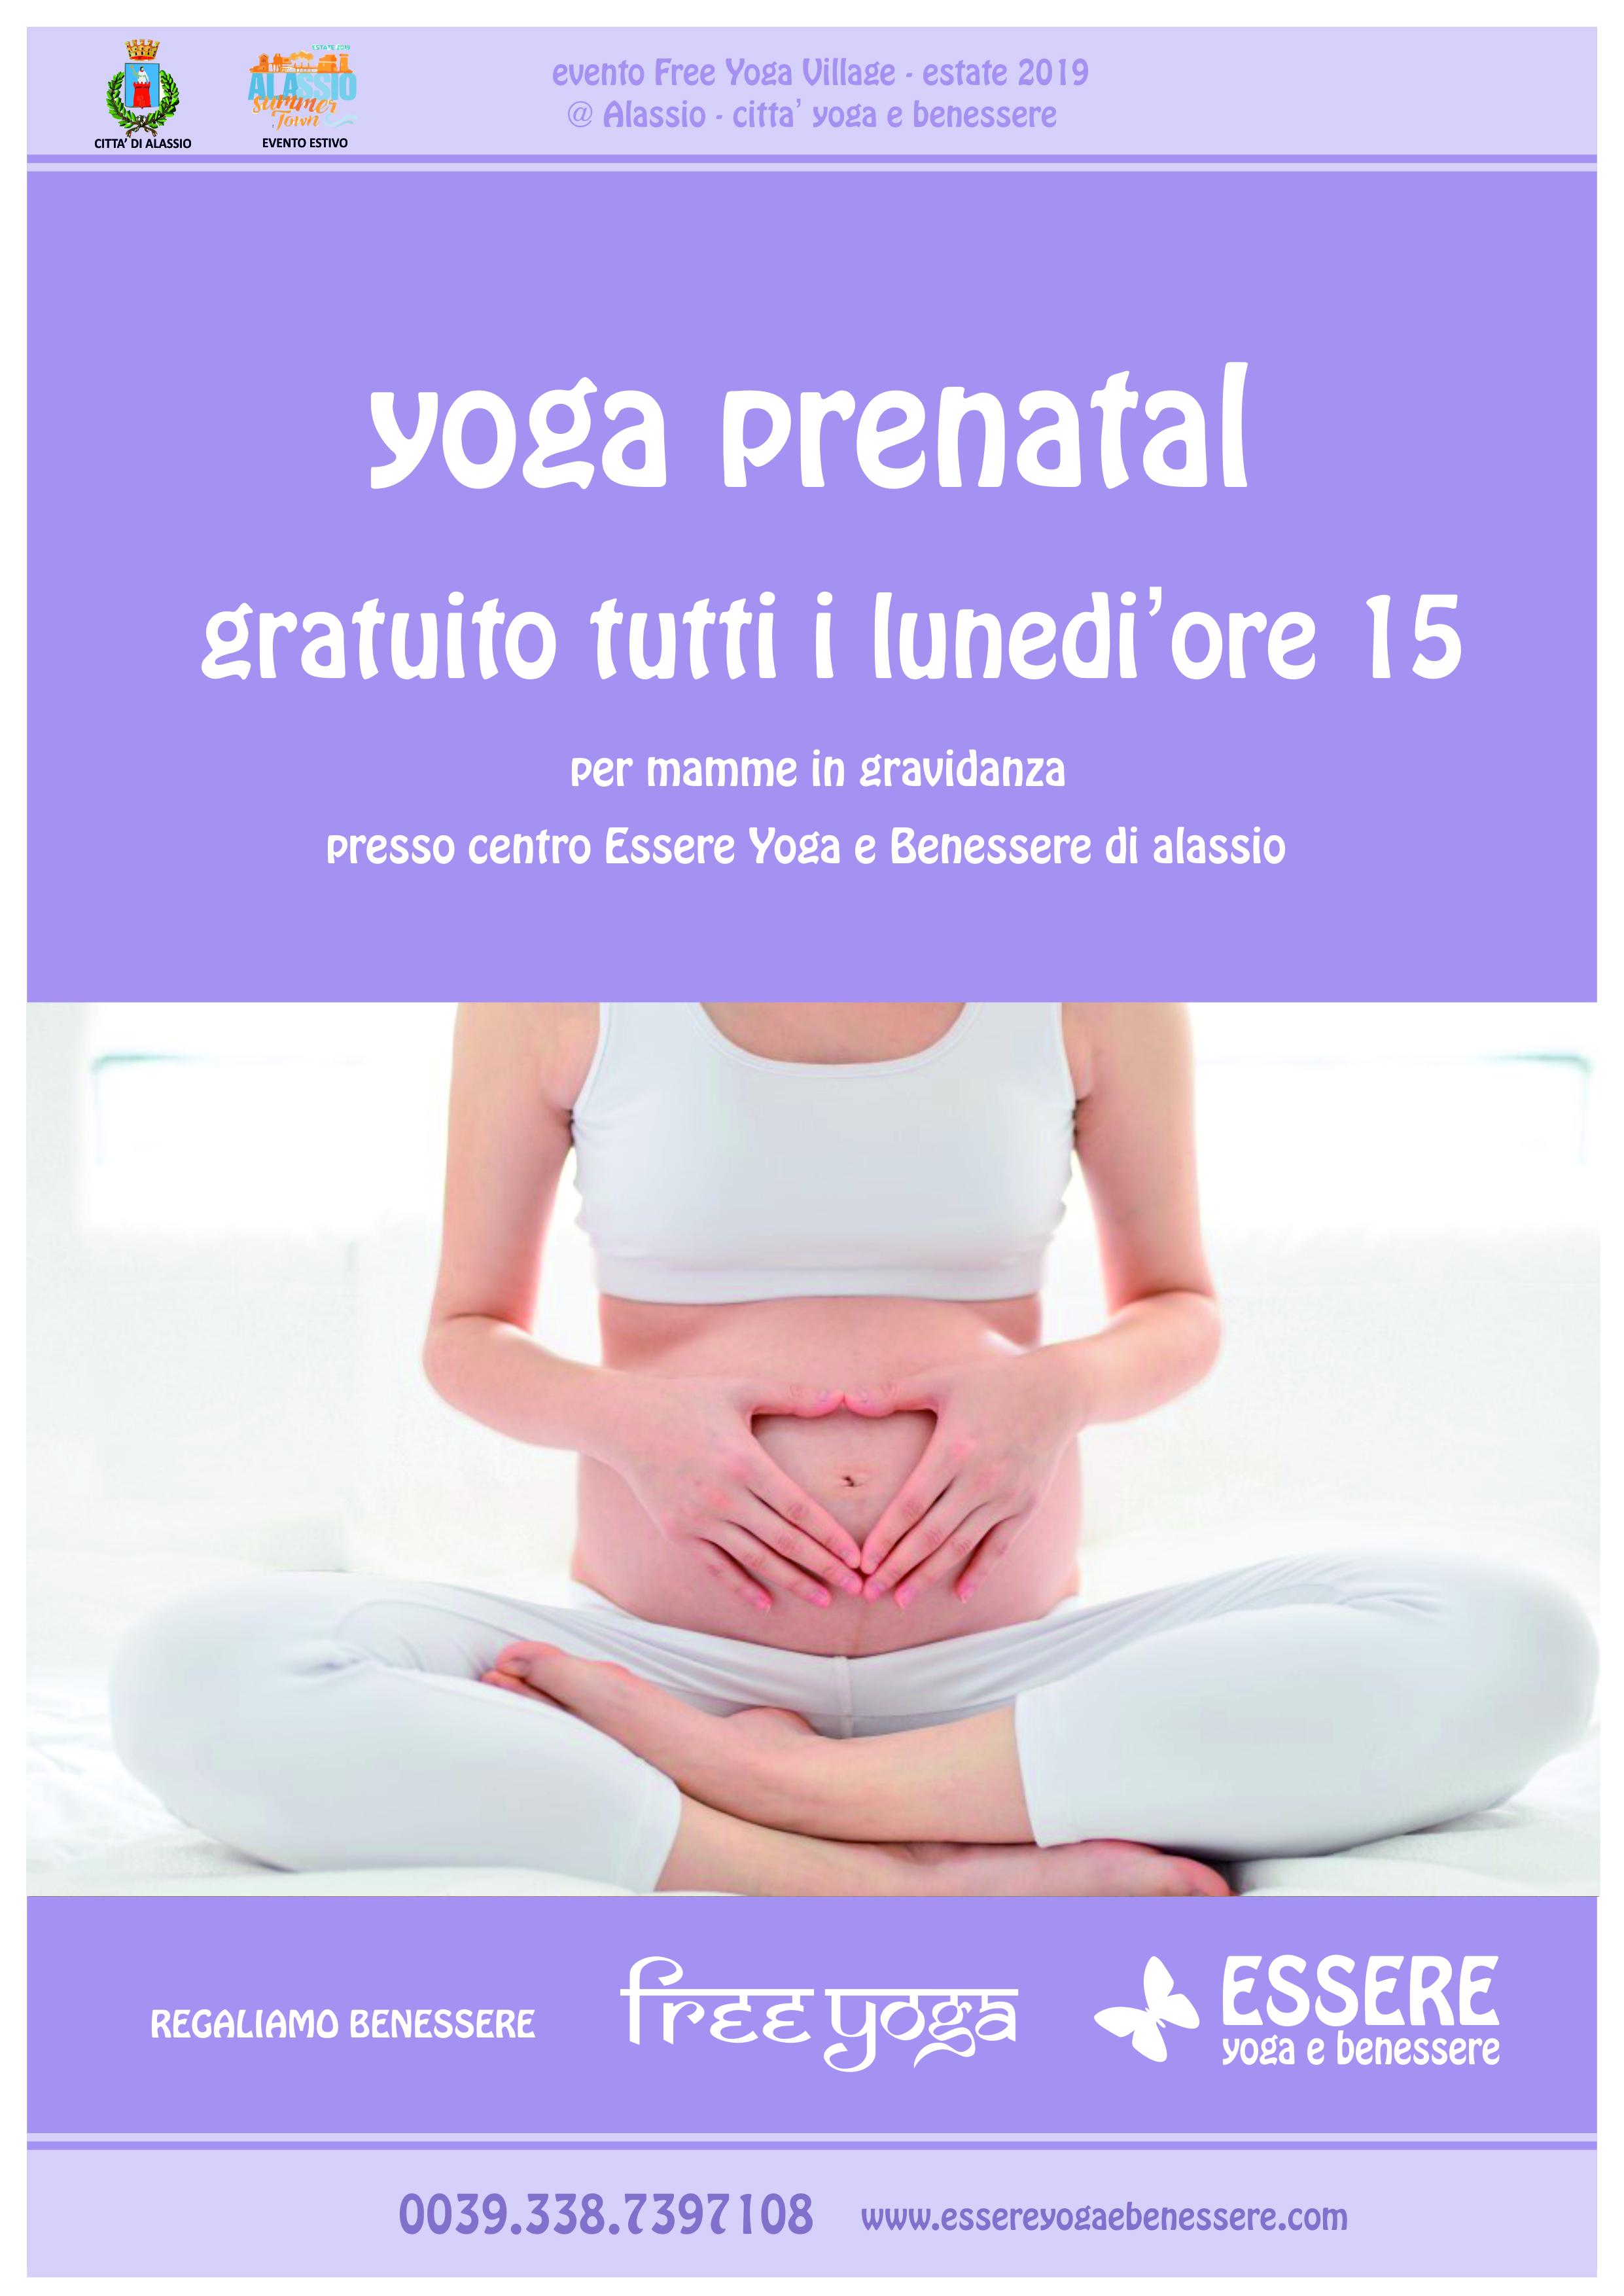 loca-A4-prenatal-essere-free-yoga-gratuito-benessere-per-tutti-bambini-village-citta-alassio-estate-lucia-ragazzi-gravidanza-summer-town-wellness